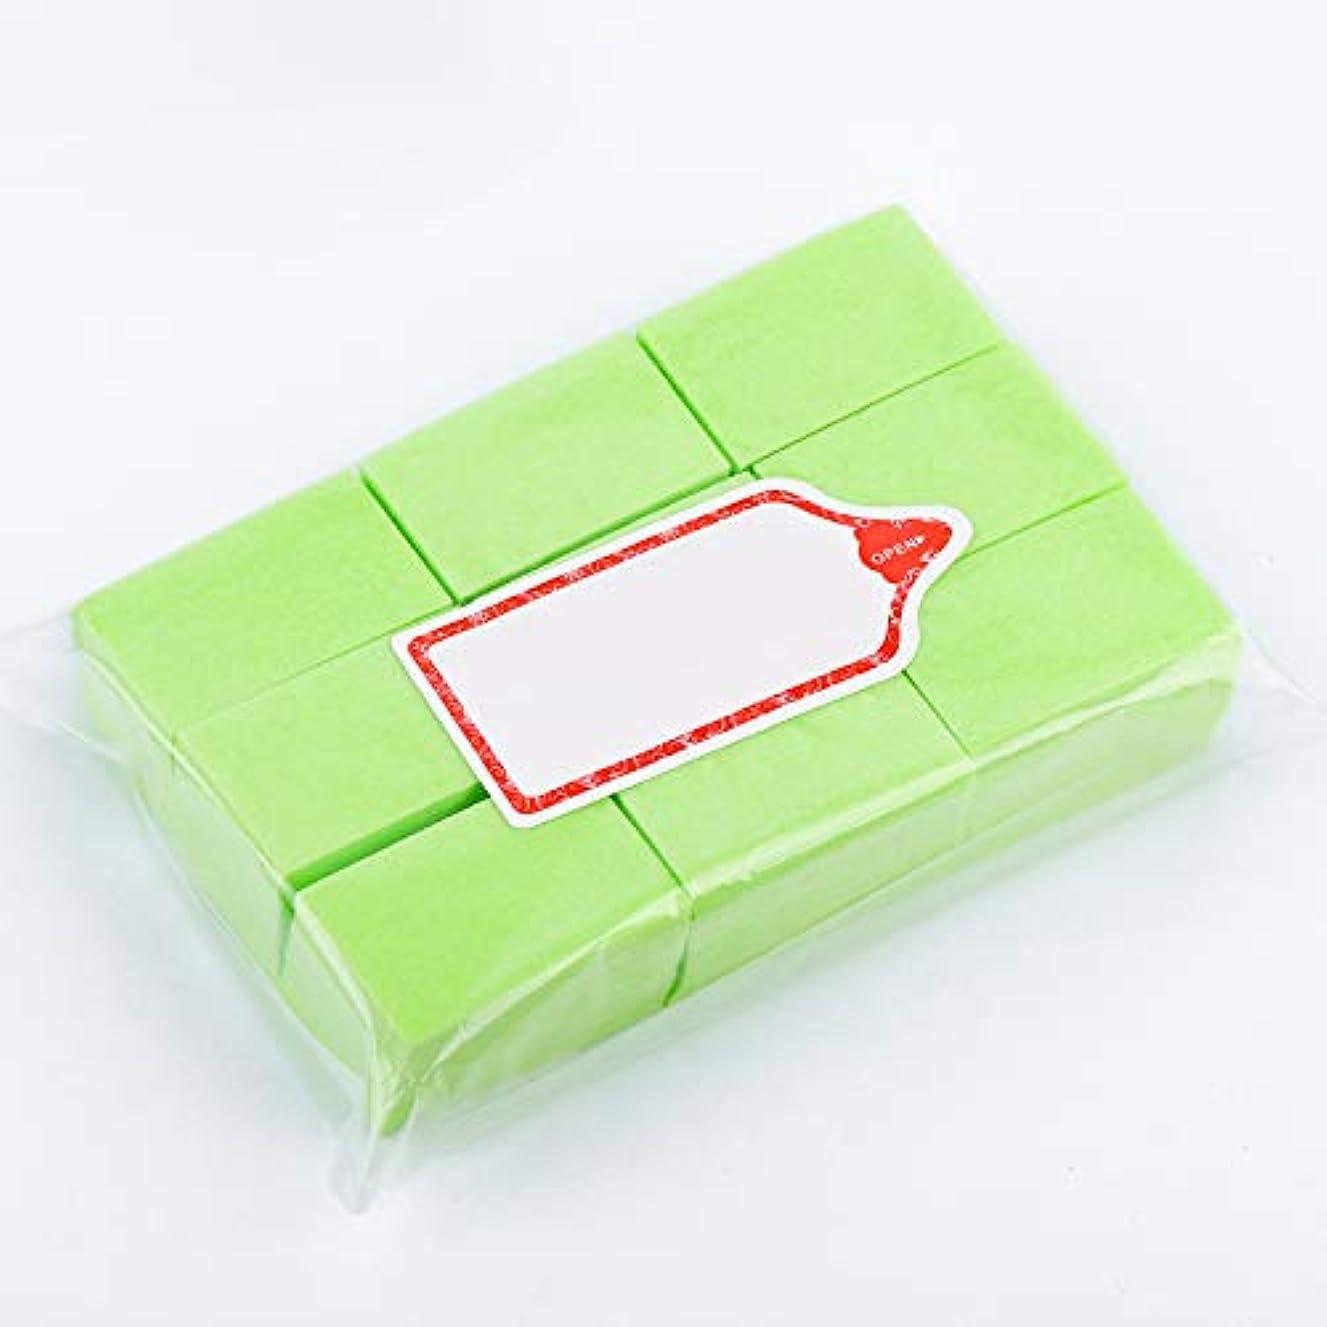 一時的未知の化学者LWBTOSEE ネイルワイプ コットンパッド 綿繊維 クリーニングパッド リムーバーワイプ 柔らかい 安全無毒 600枚入 全4色 (緑)